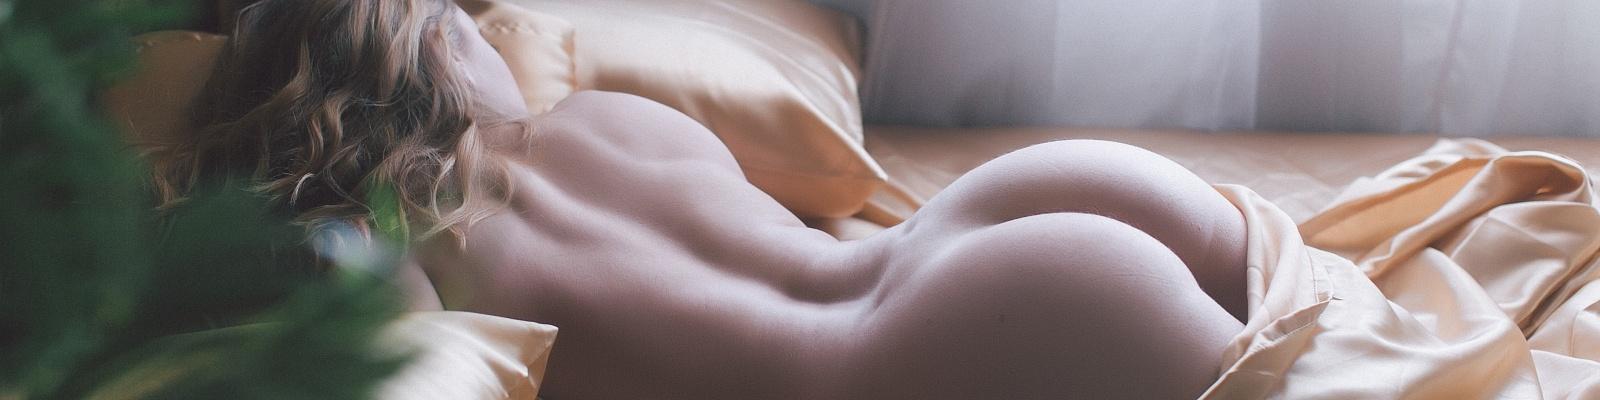 Sienna Eden's Cover Photo